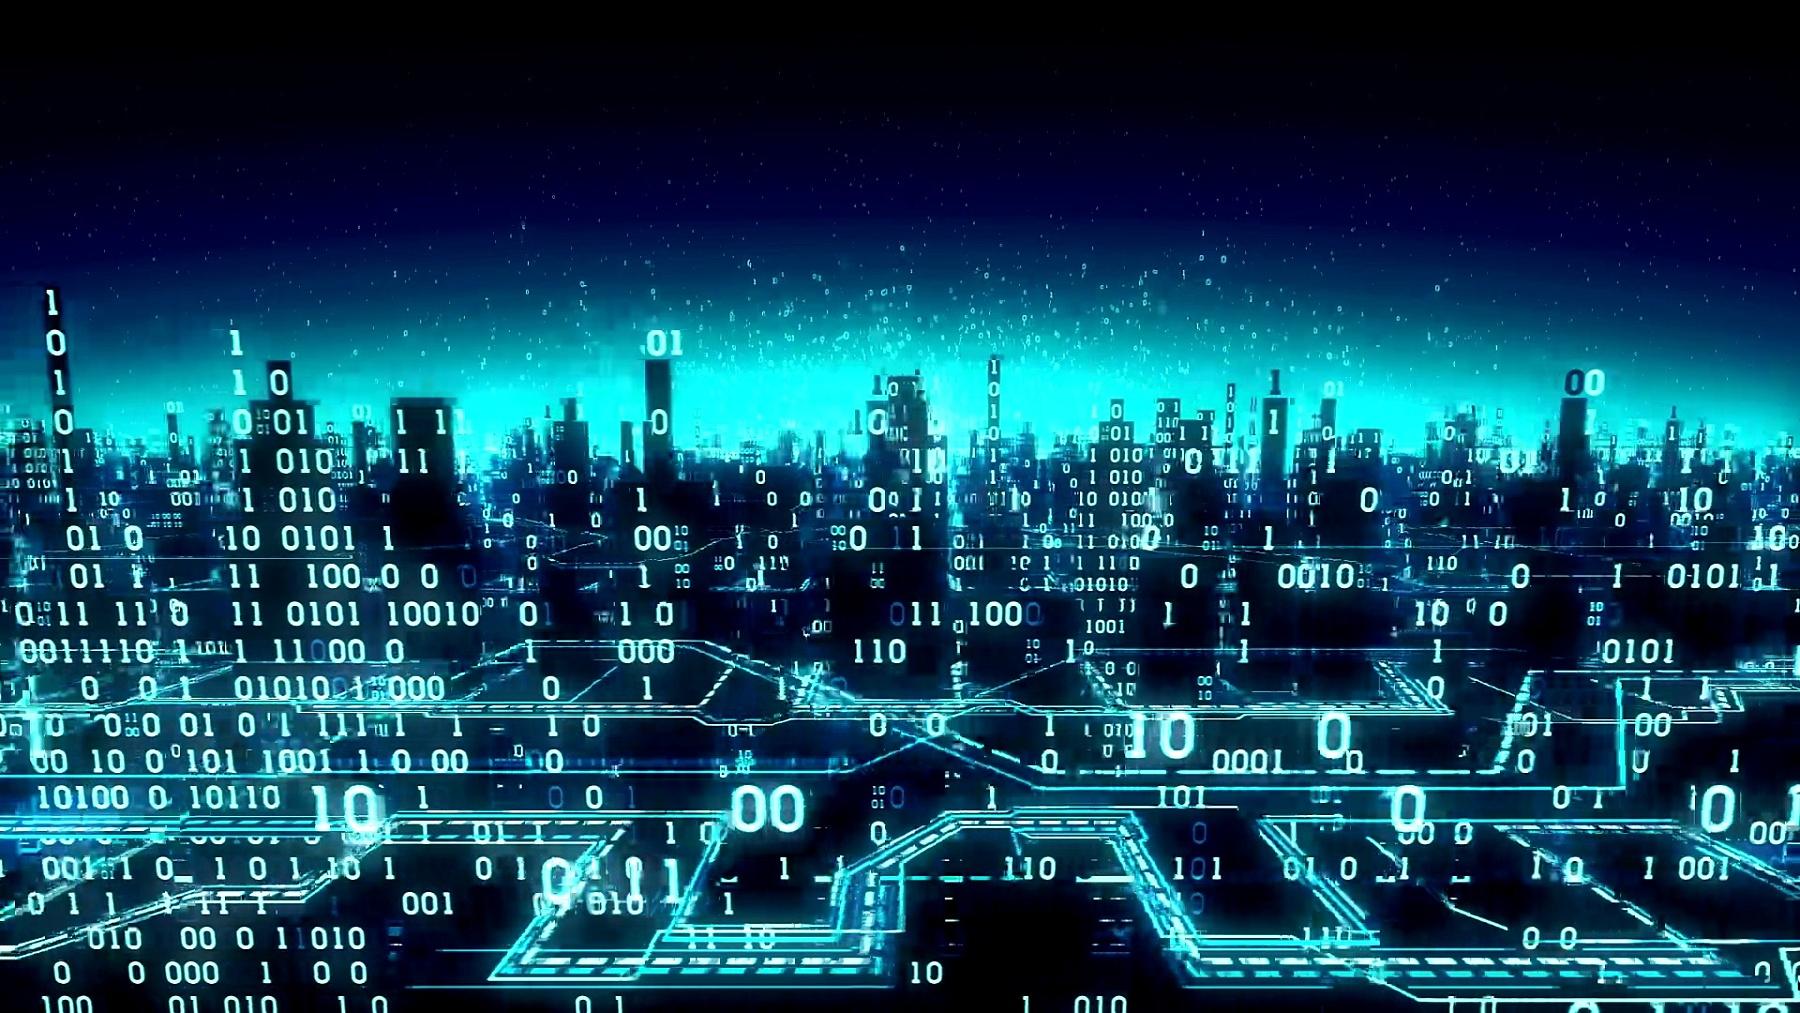 鸟瞰抽象的未来主义二元城市,高科技背景,数字阵列连接到全球网络,矩阵,无缝环路,阿尔法哑光